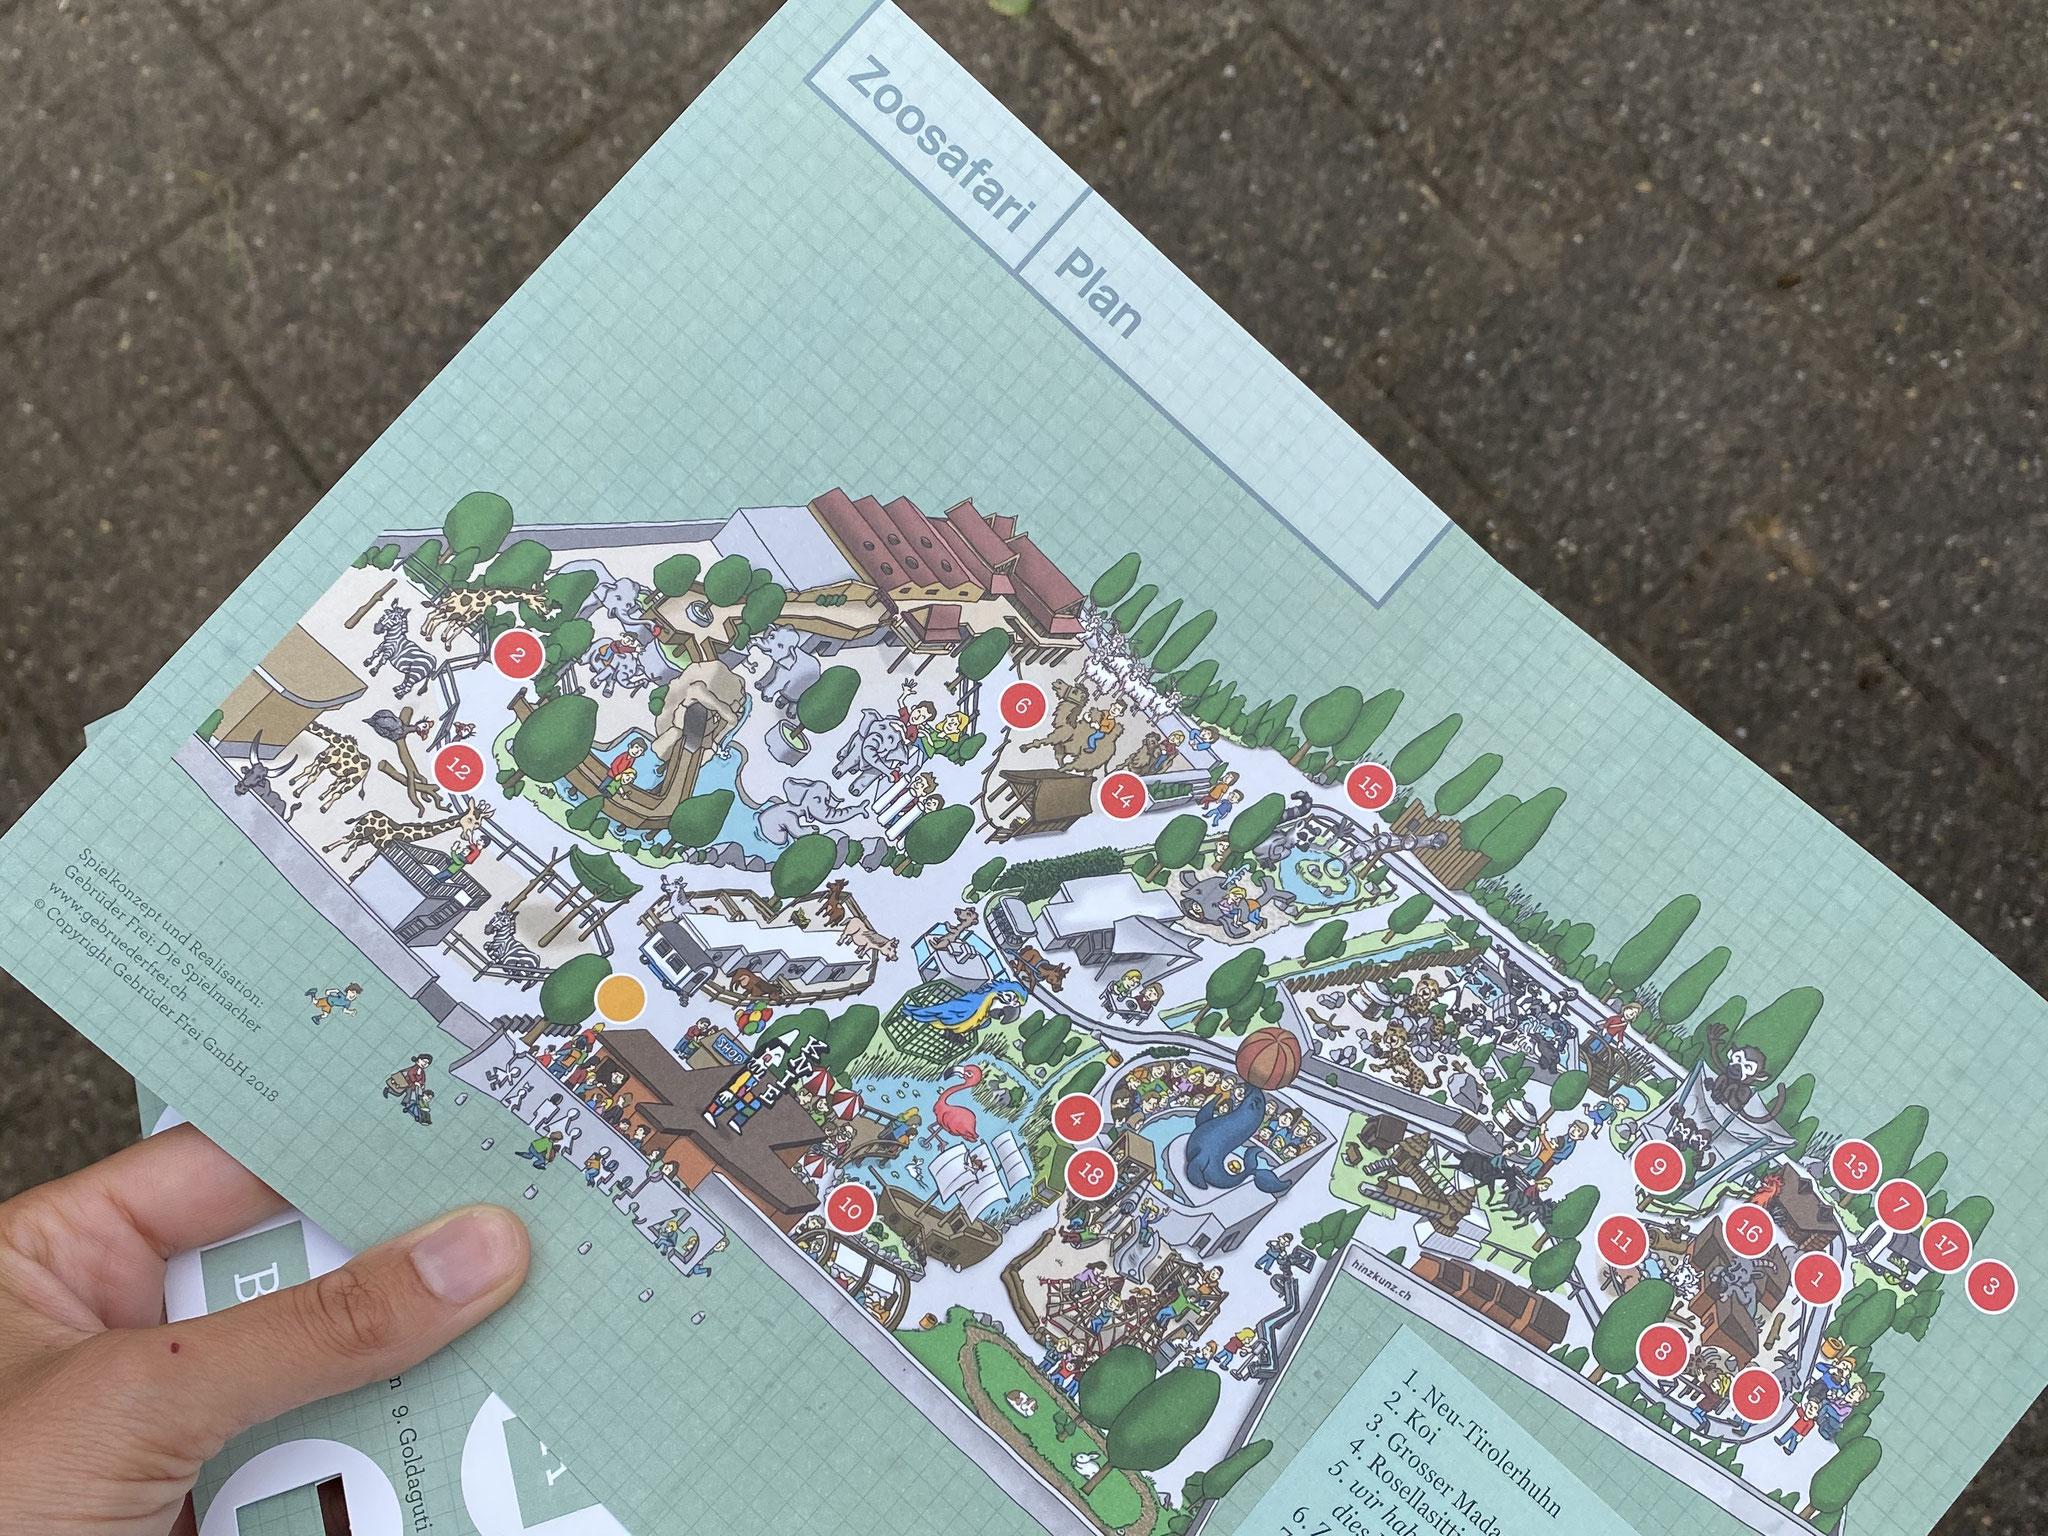 Der Zoosafari Plan zeigt wo sich die verschiedenen Posten befinden.